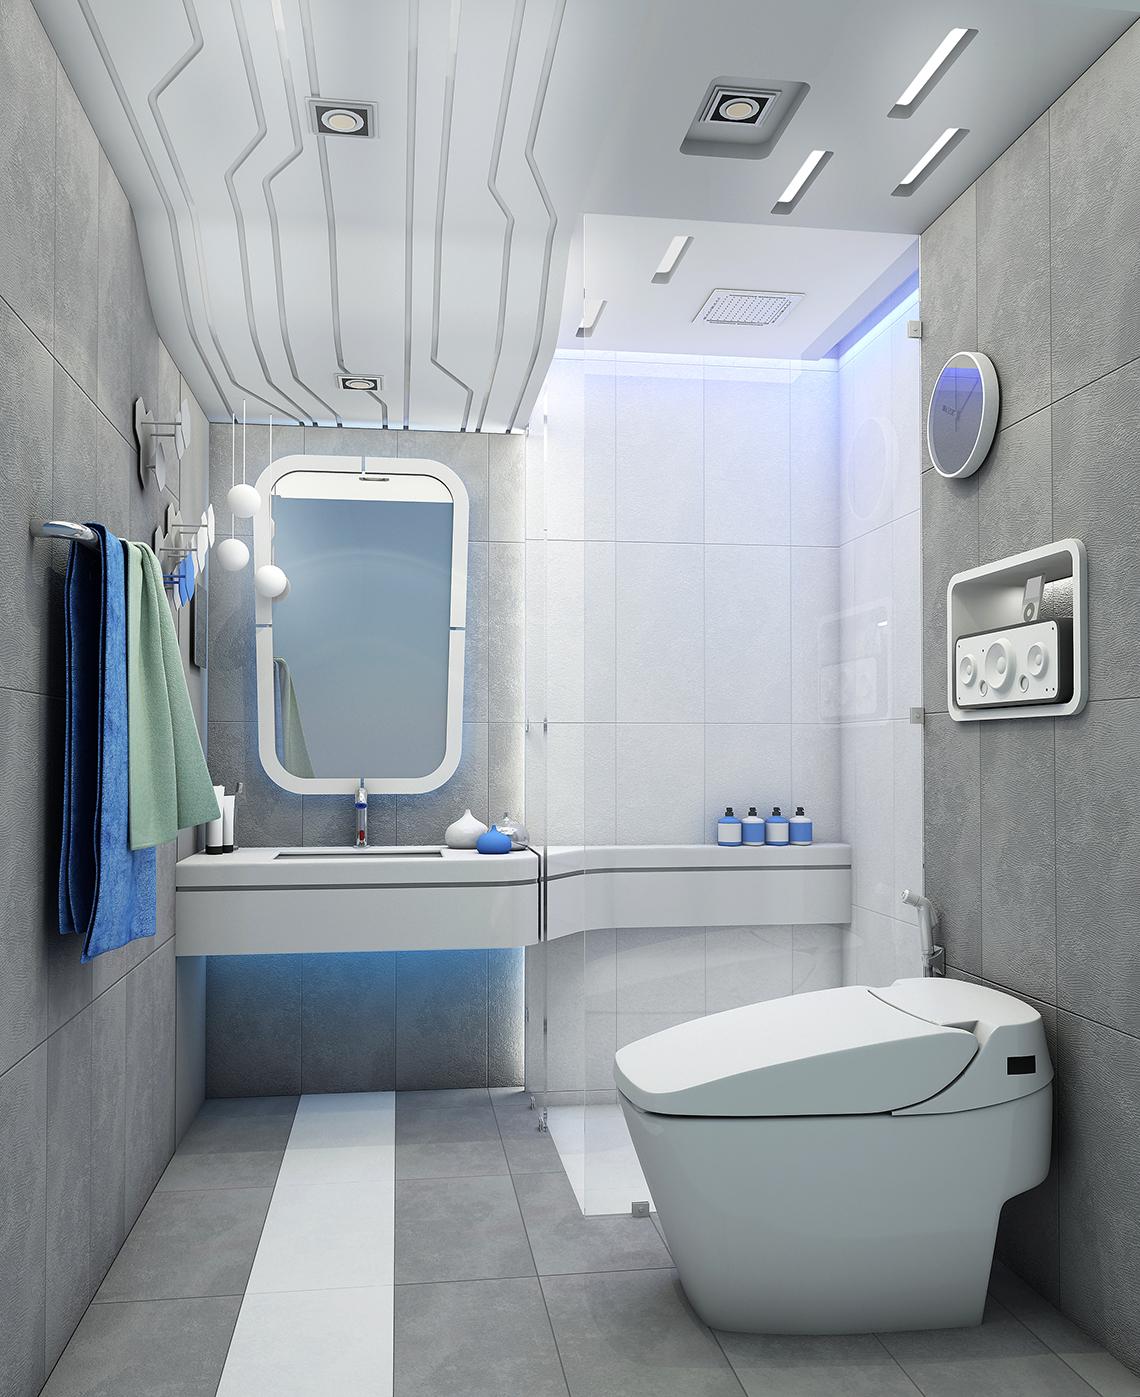 รูปห้องน้ำ ไอเดียแต่งห้องน้ำ สไตล์โมเดิร์น